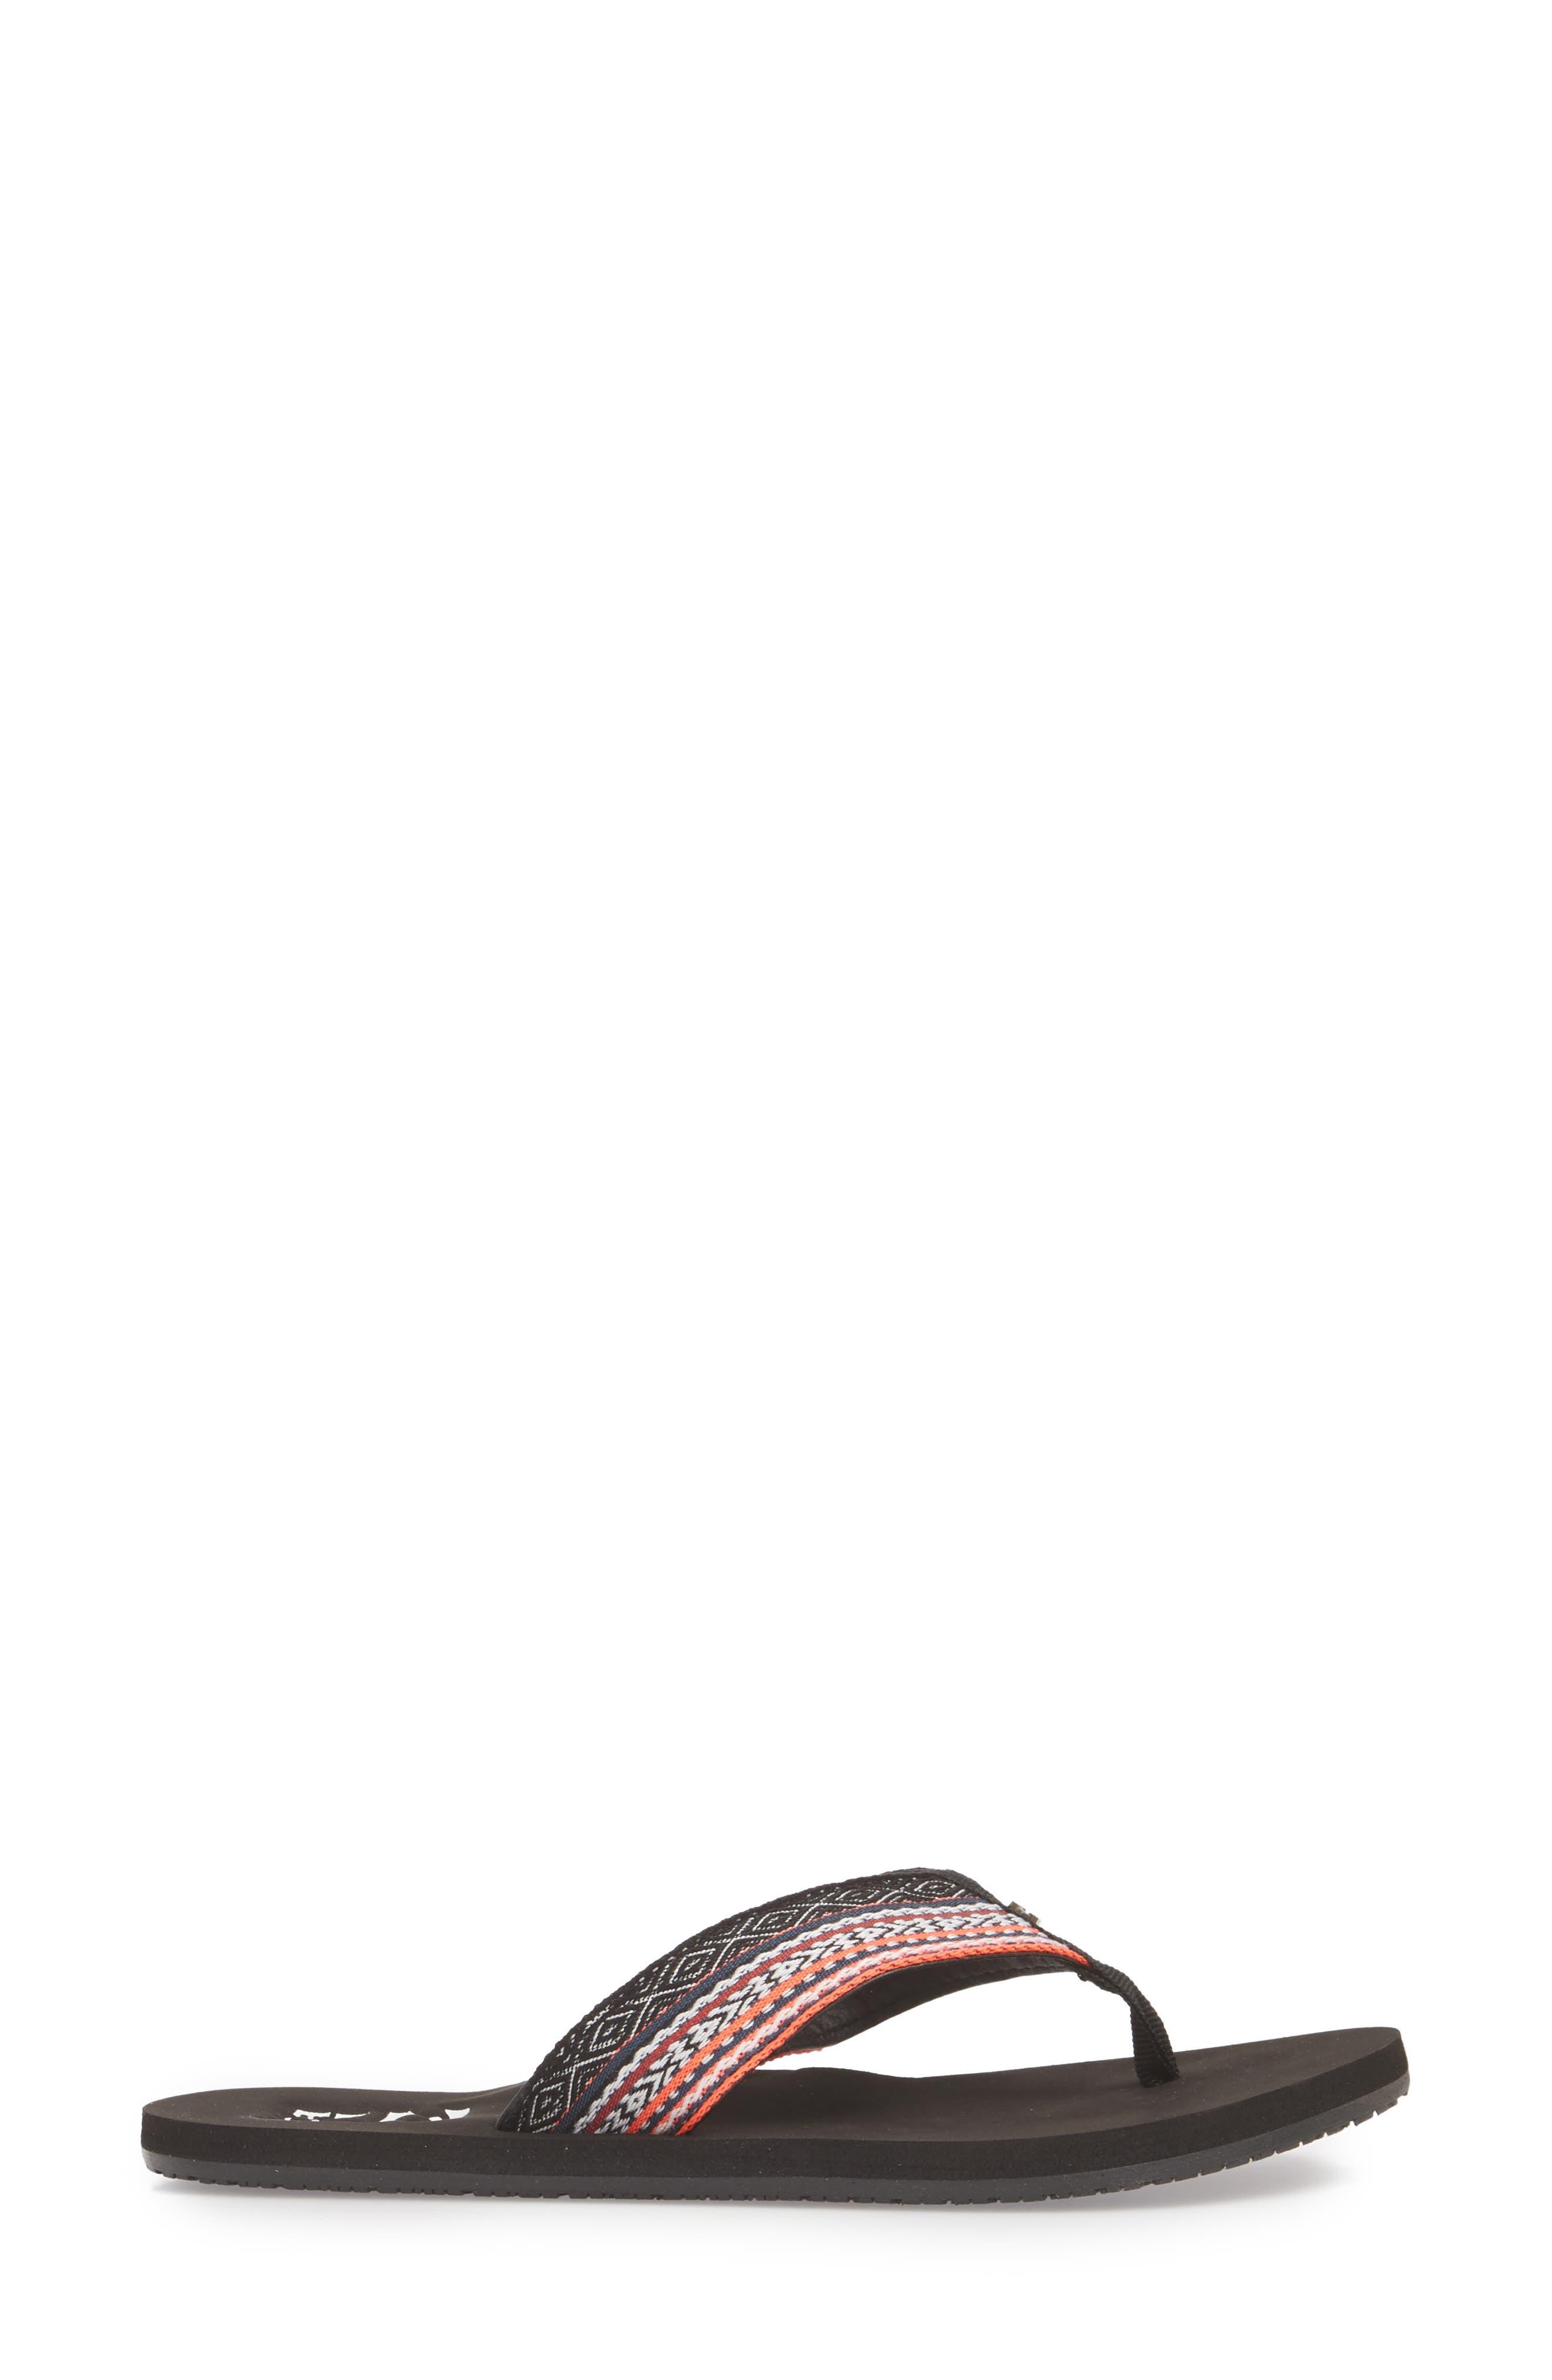 Baja Flip Flop,                             Alternate thumbnail 6, color,